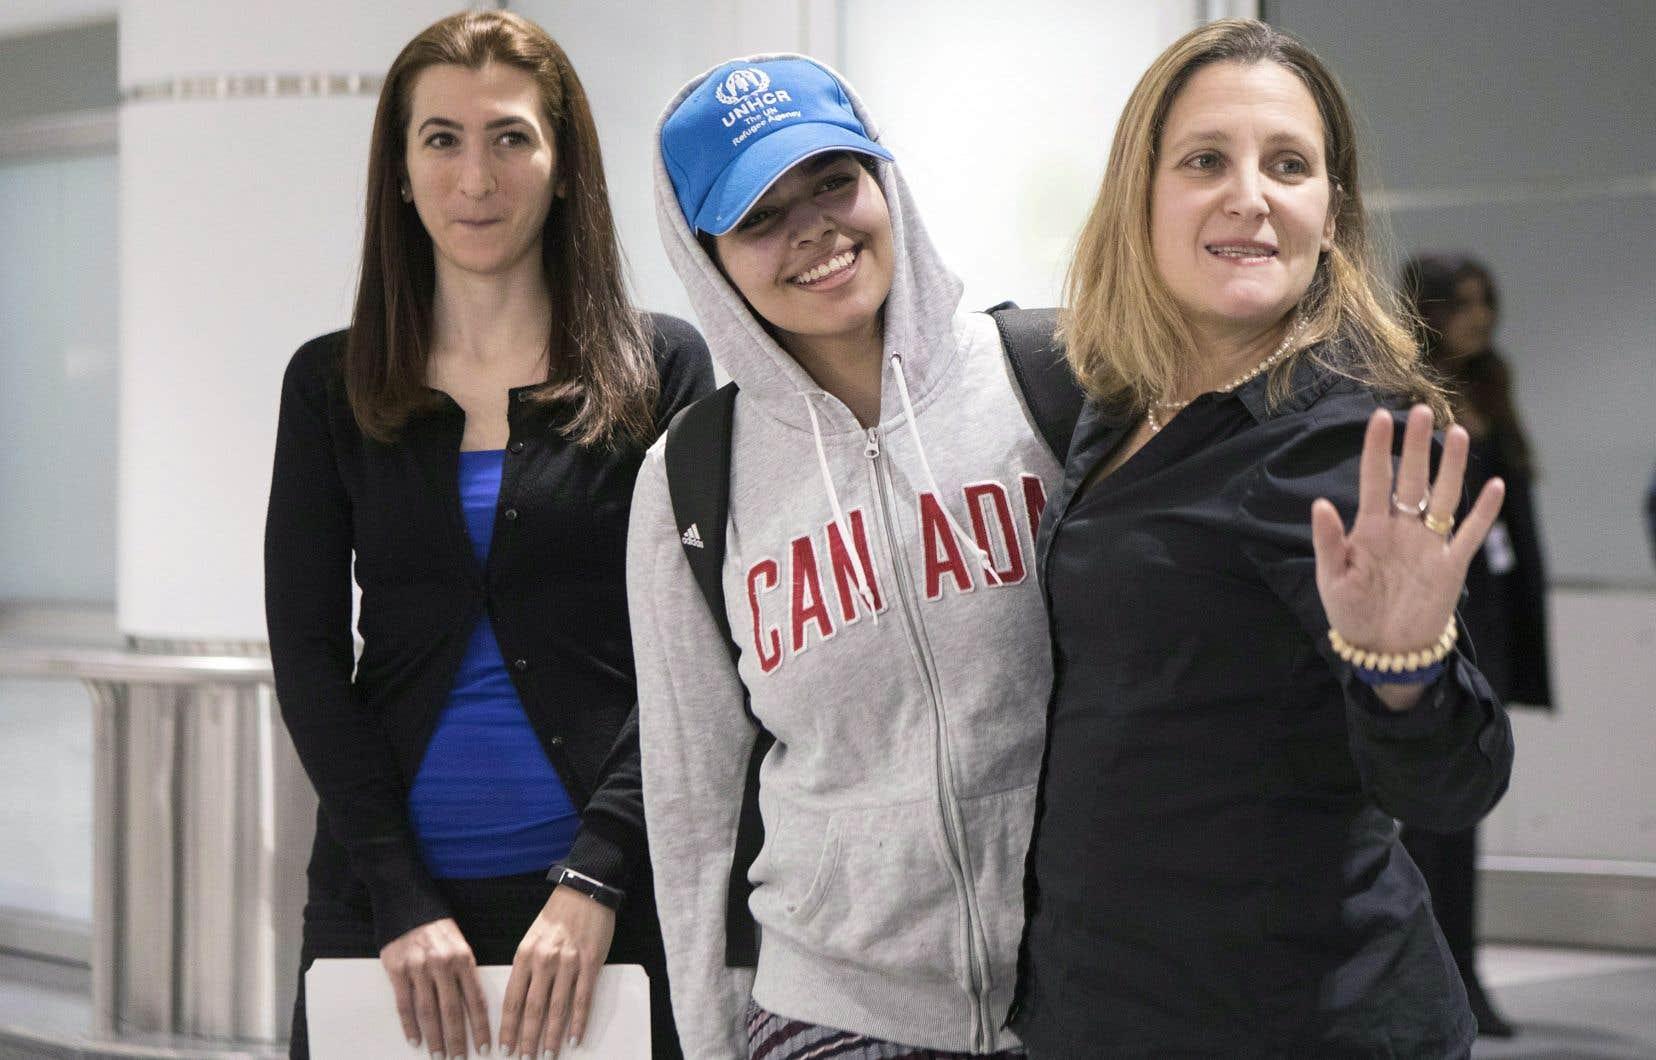 La jeune réfugiée saoudienne Rahaf Mohammed al-Qunun a été accueillie samedi à l'aéroport de Toronto par la ministre des Affaires étrangères, Chrystia Freeland.